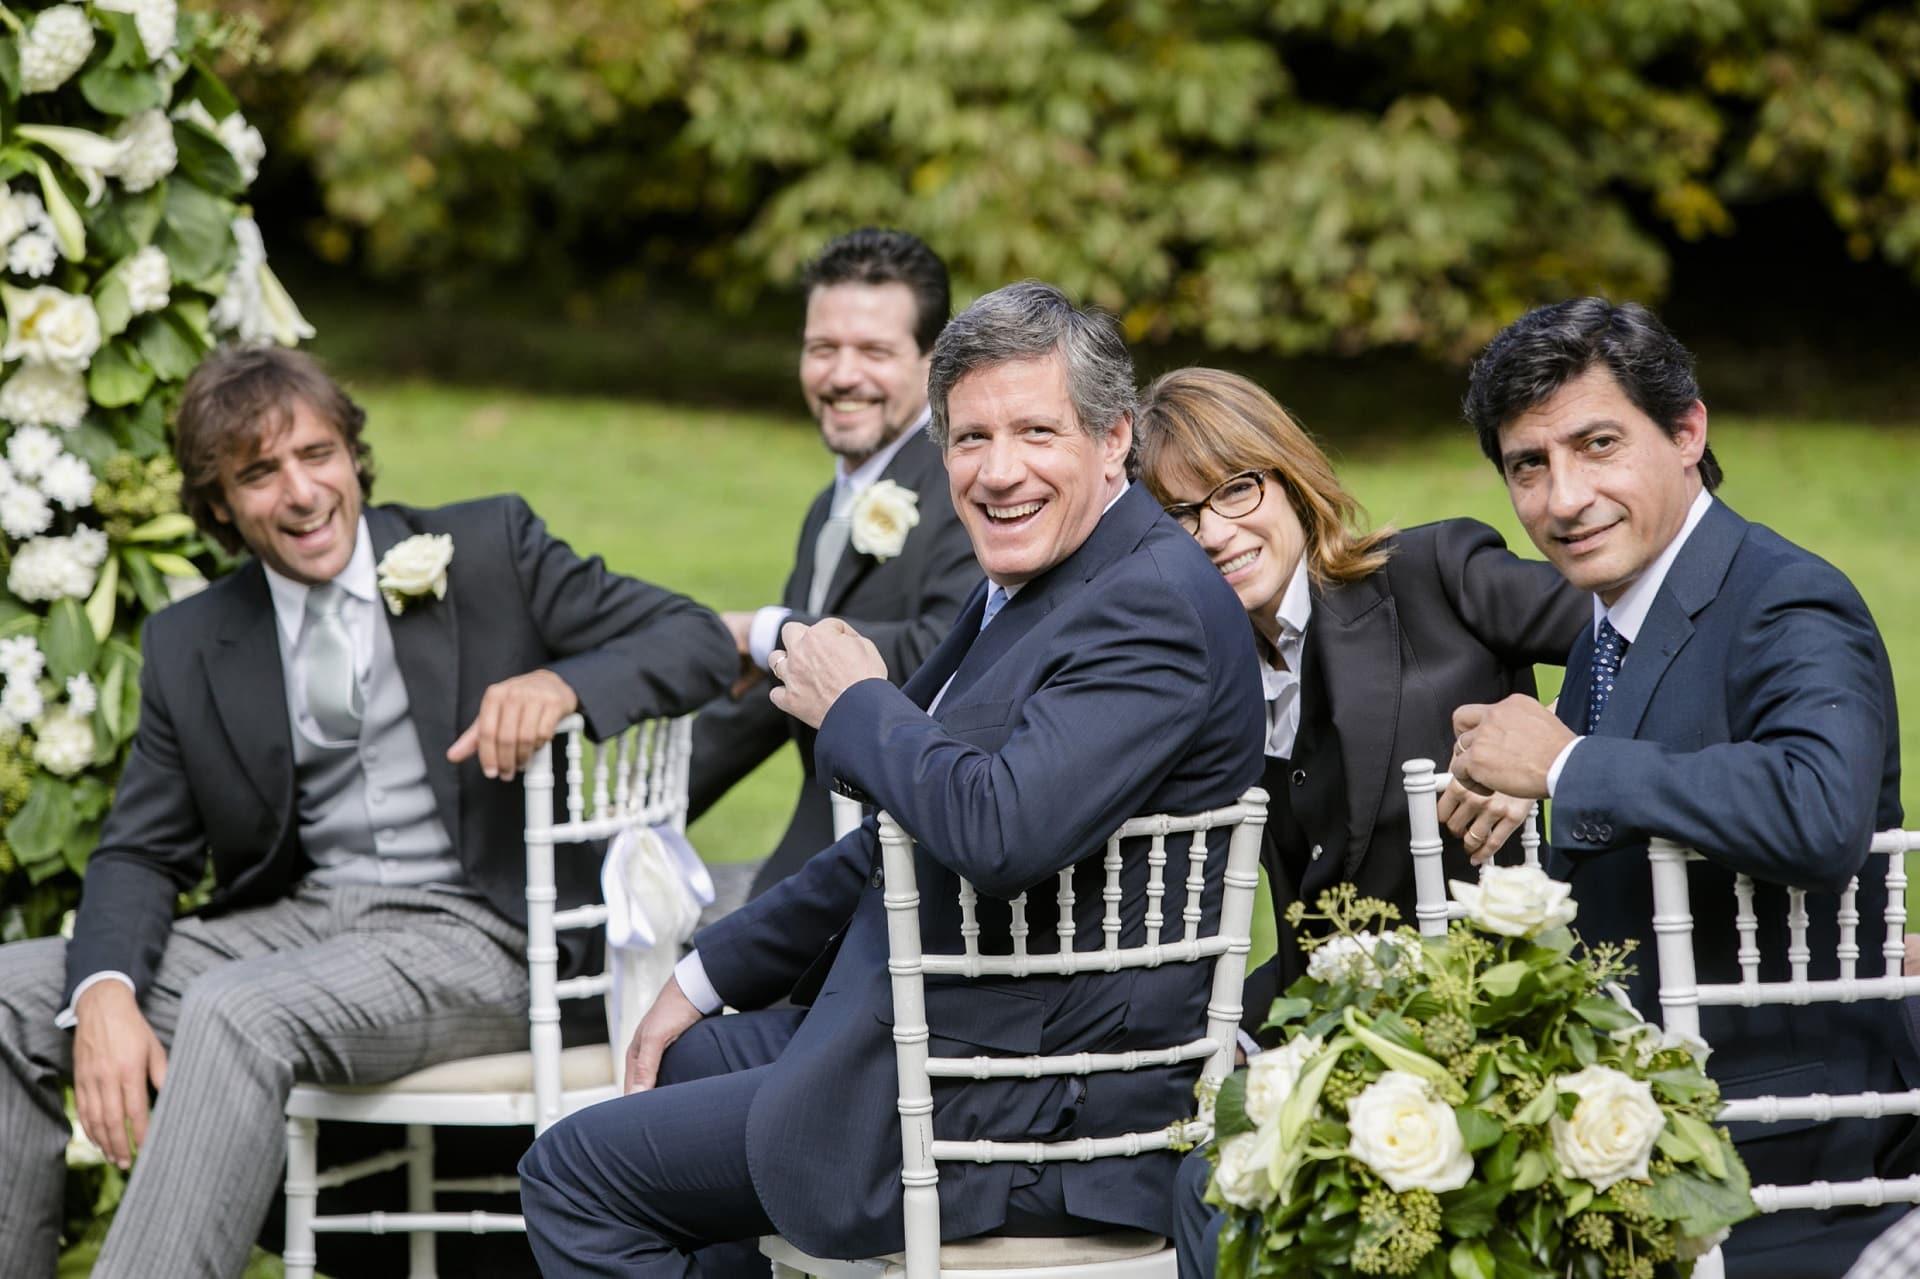 Un matrimonio da favola: il finale del film - Cinematographe.it